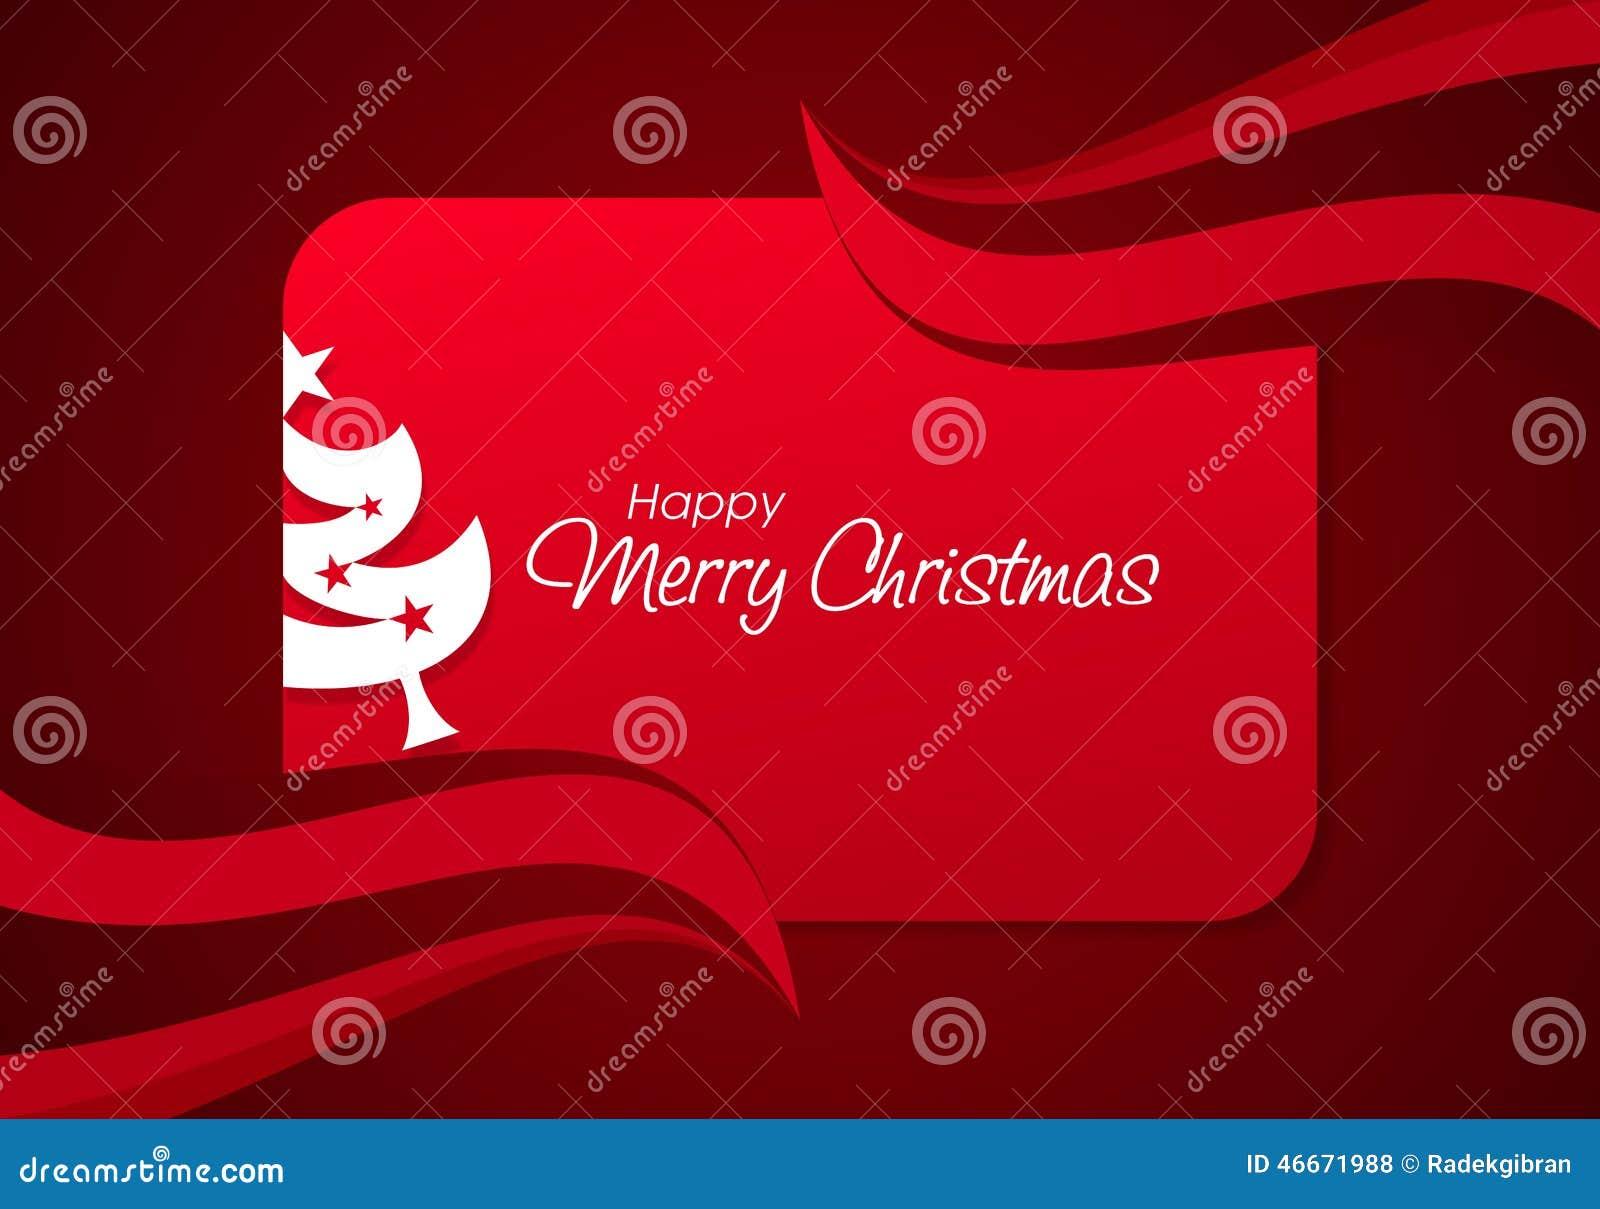 Grußkarten Der Frohen Weihnachten, Feiertag, Rahmen, Glückliche ...